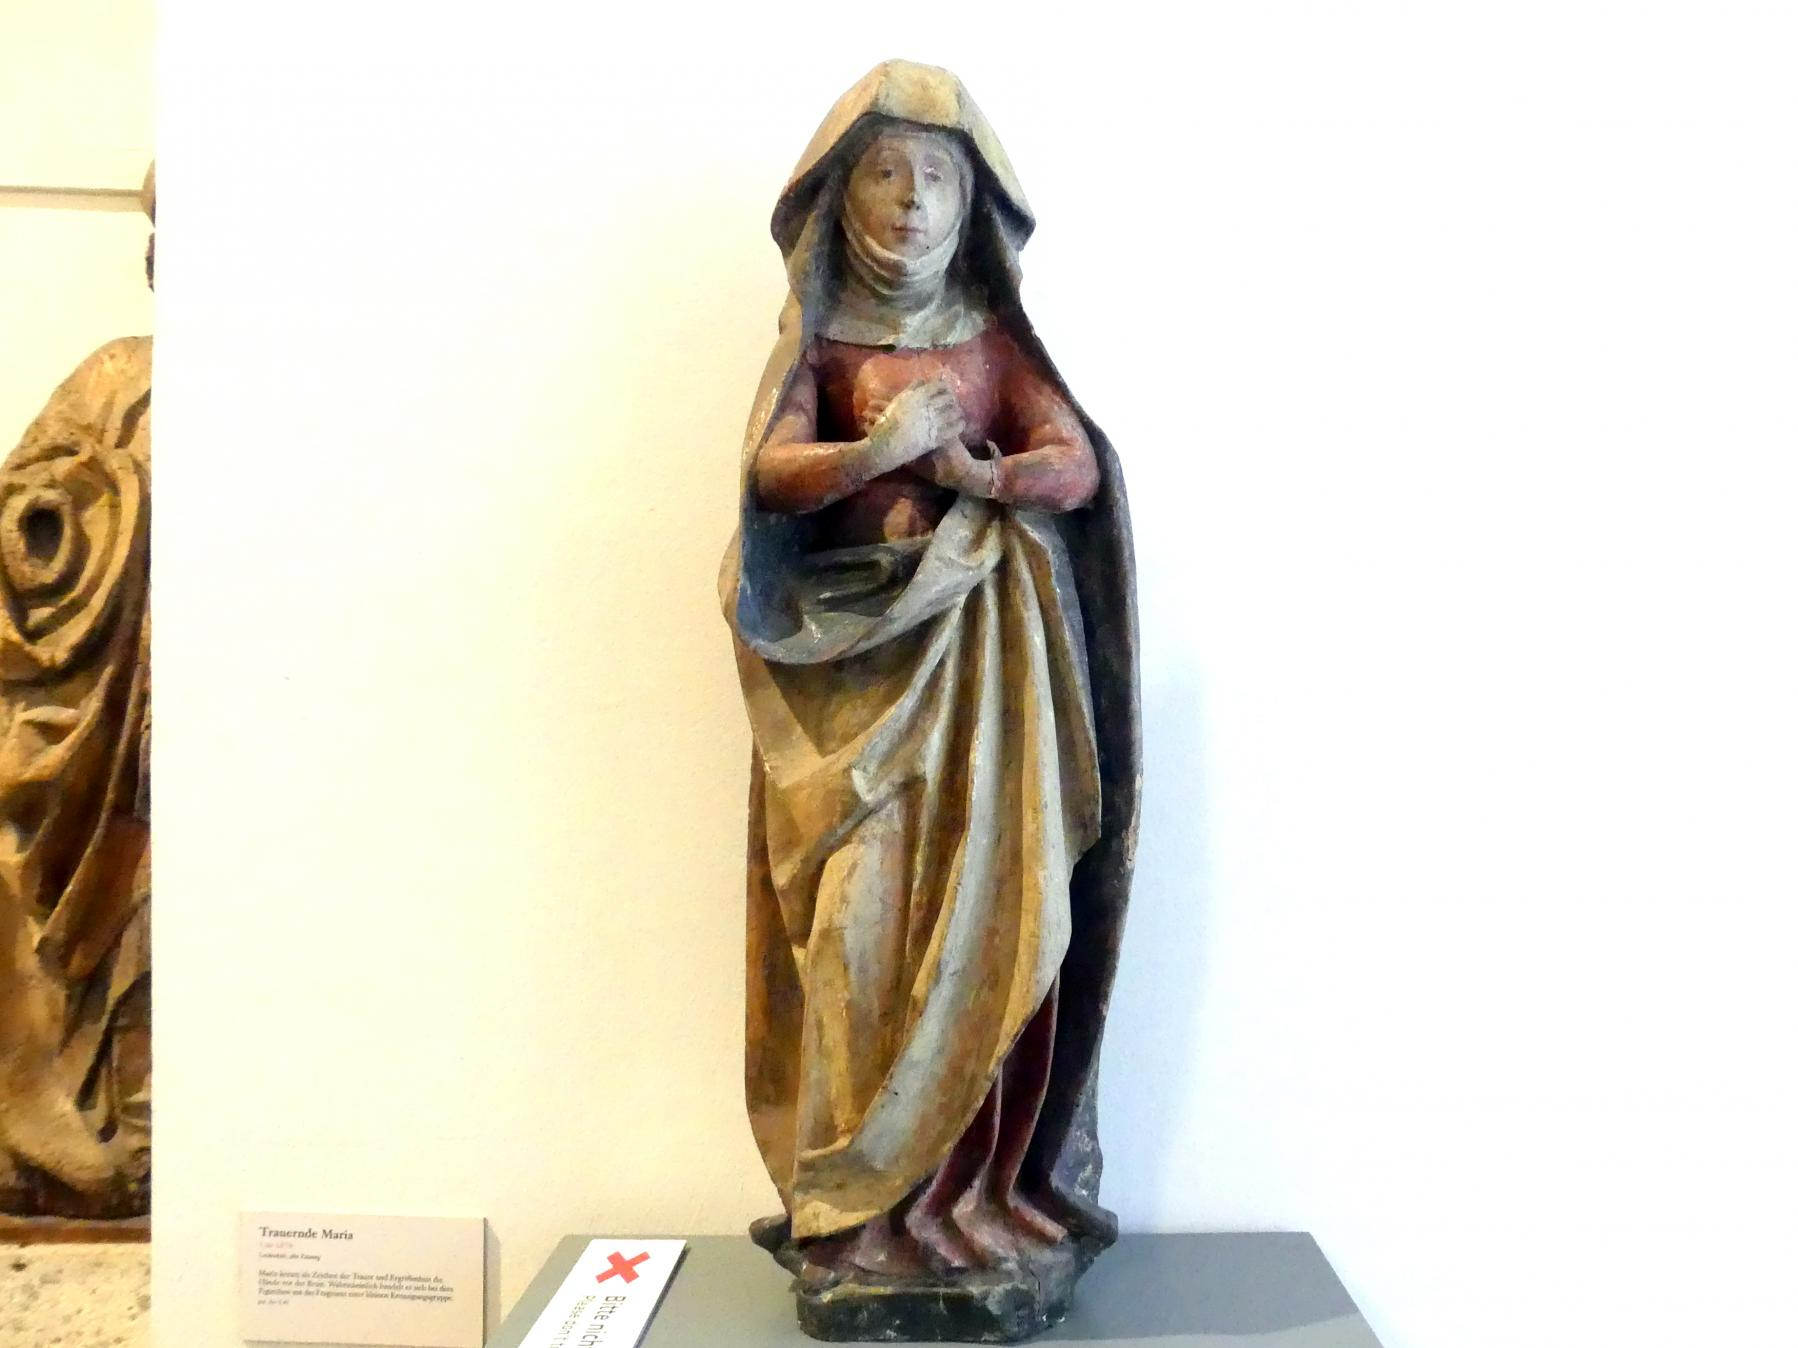 Trauernde Maria, Um 1470